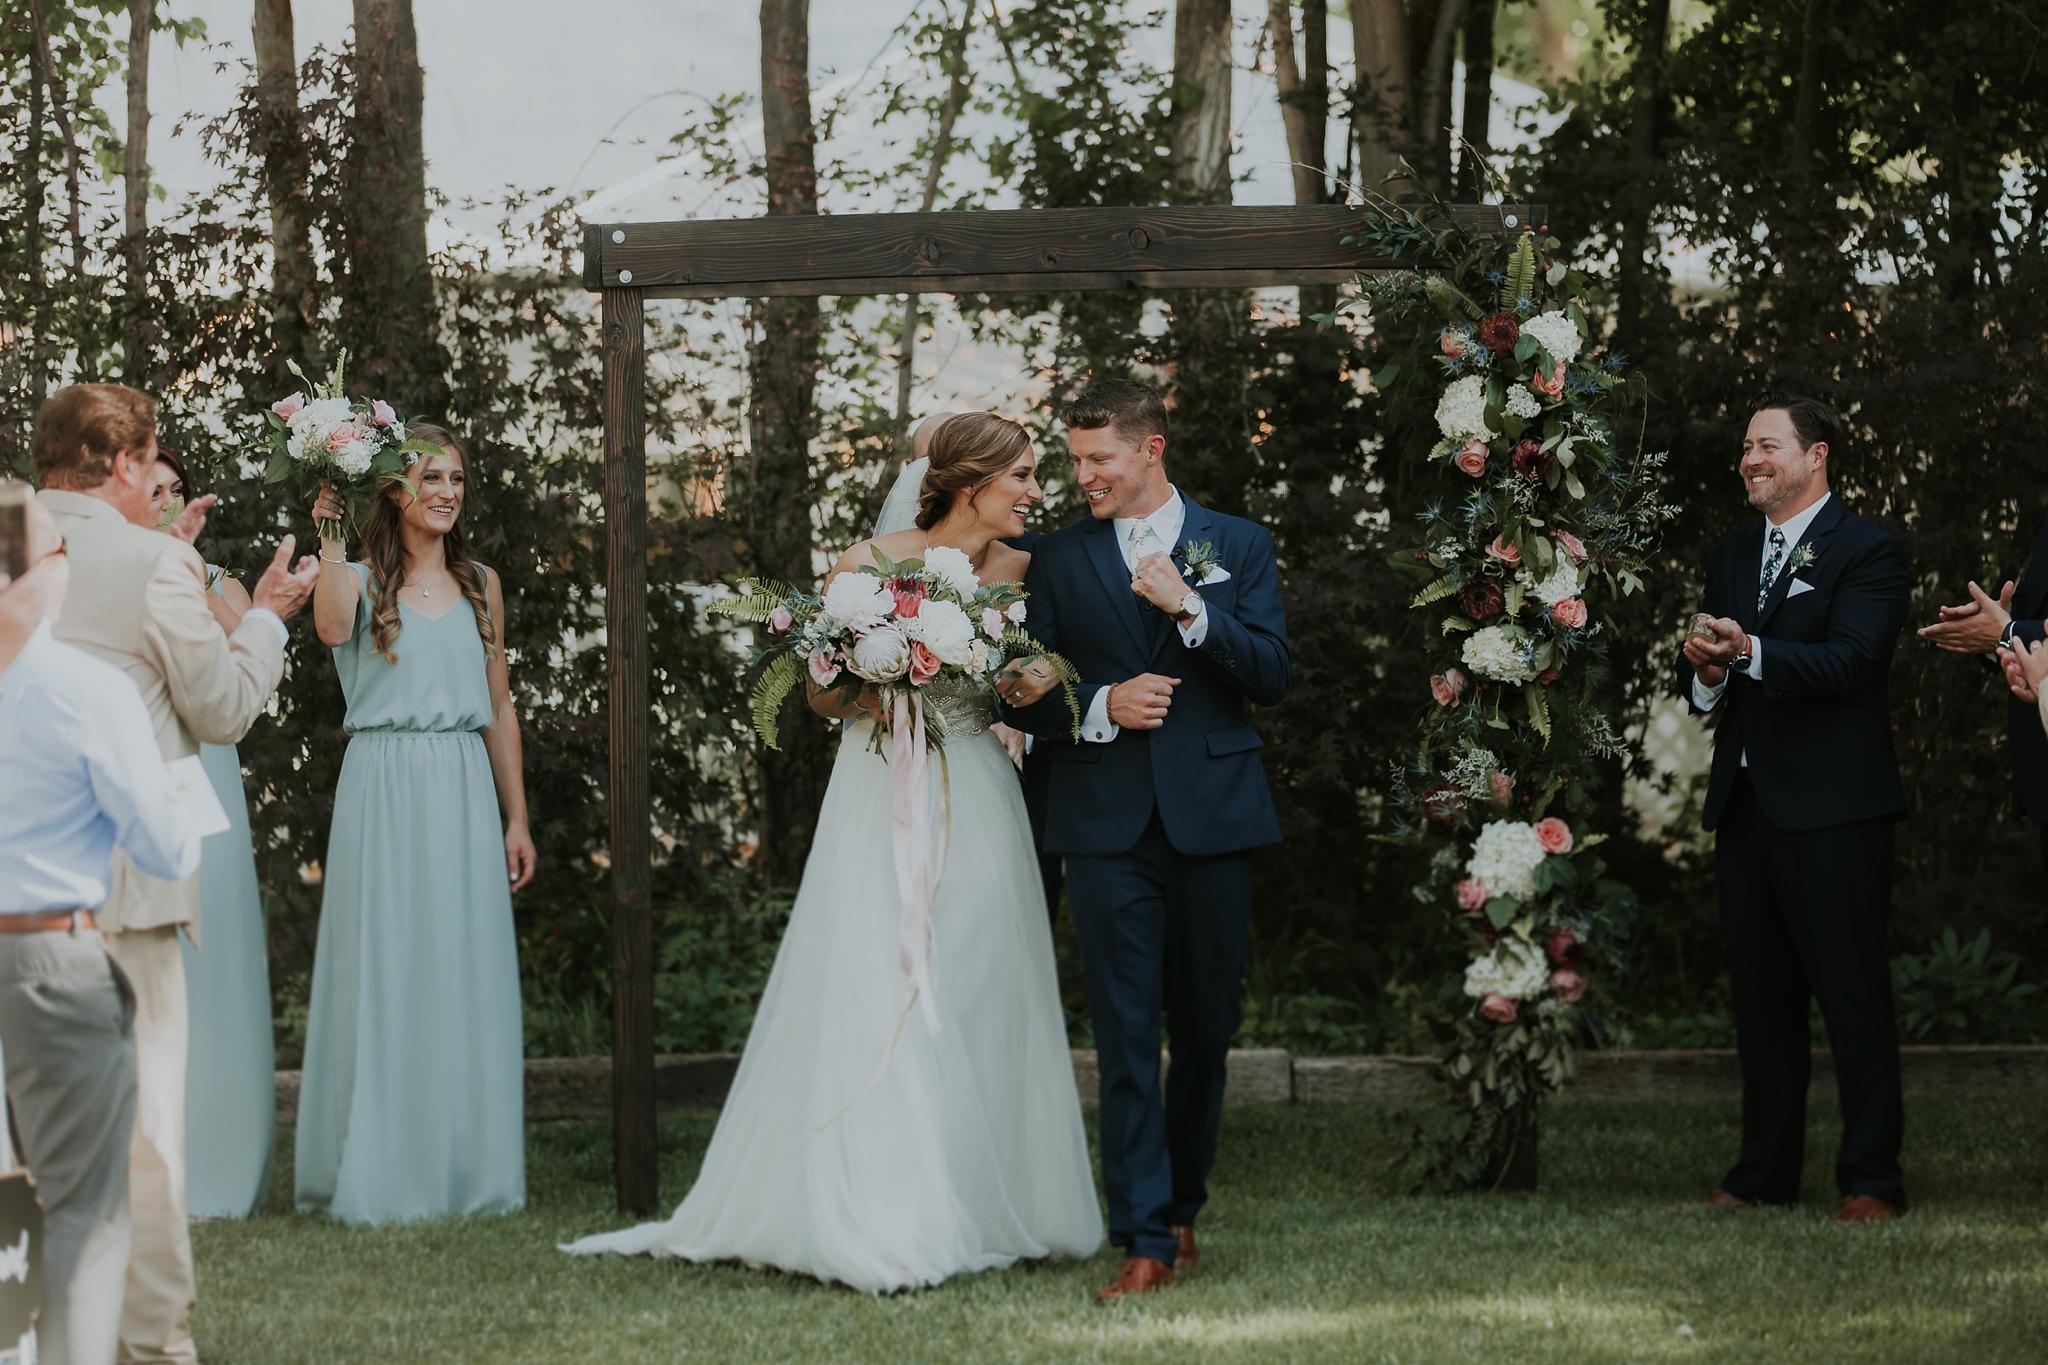 Alicia+lucia+photography+-+albuquerque+wedding+photographer+-+santa+fe+wedding+photography+-+new+mexico+wedding+photographer+-+new+mexico+wedding+-+wedding+vows+-+writing+your+own+vows+-+wedding+inspo_0050.jpg